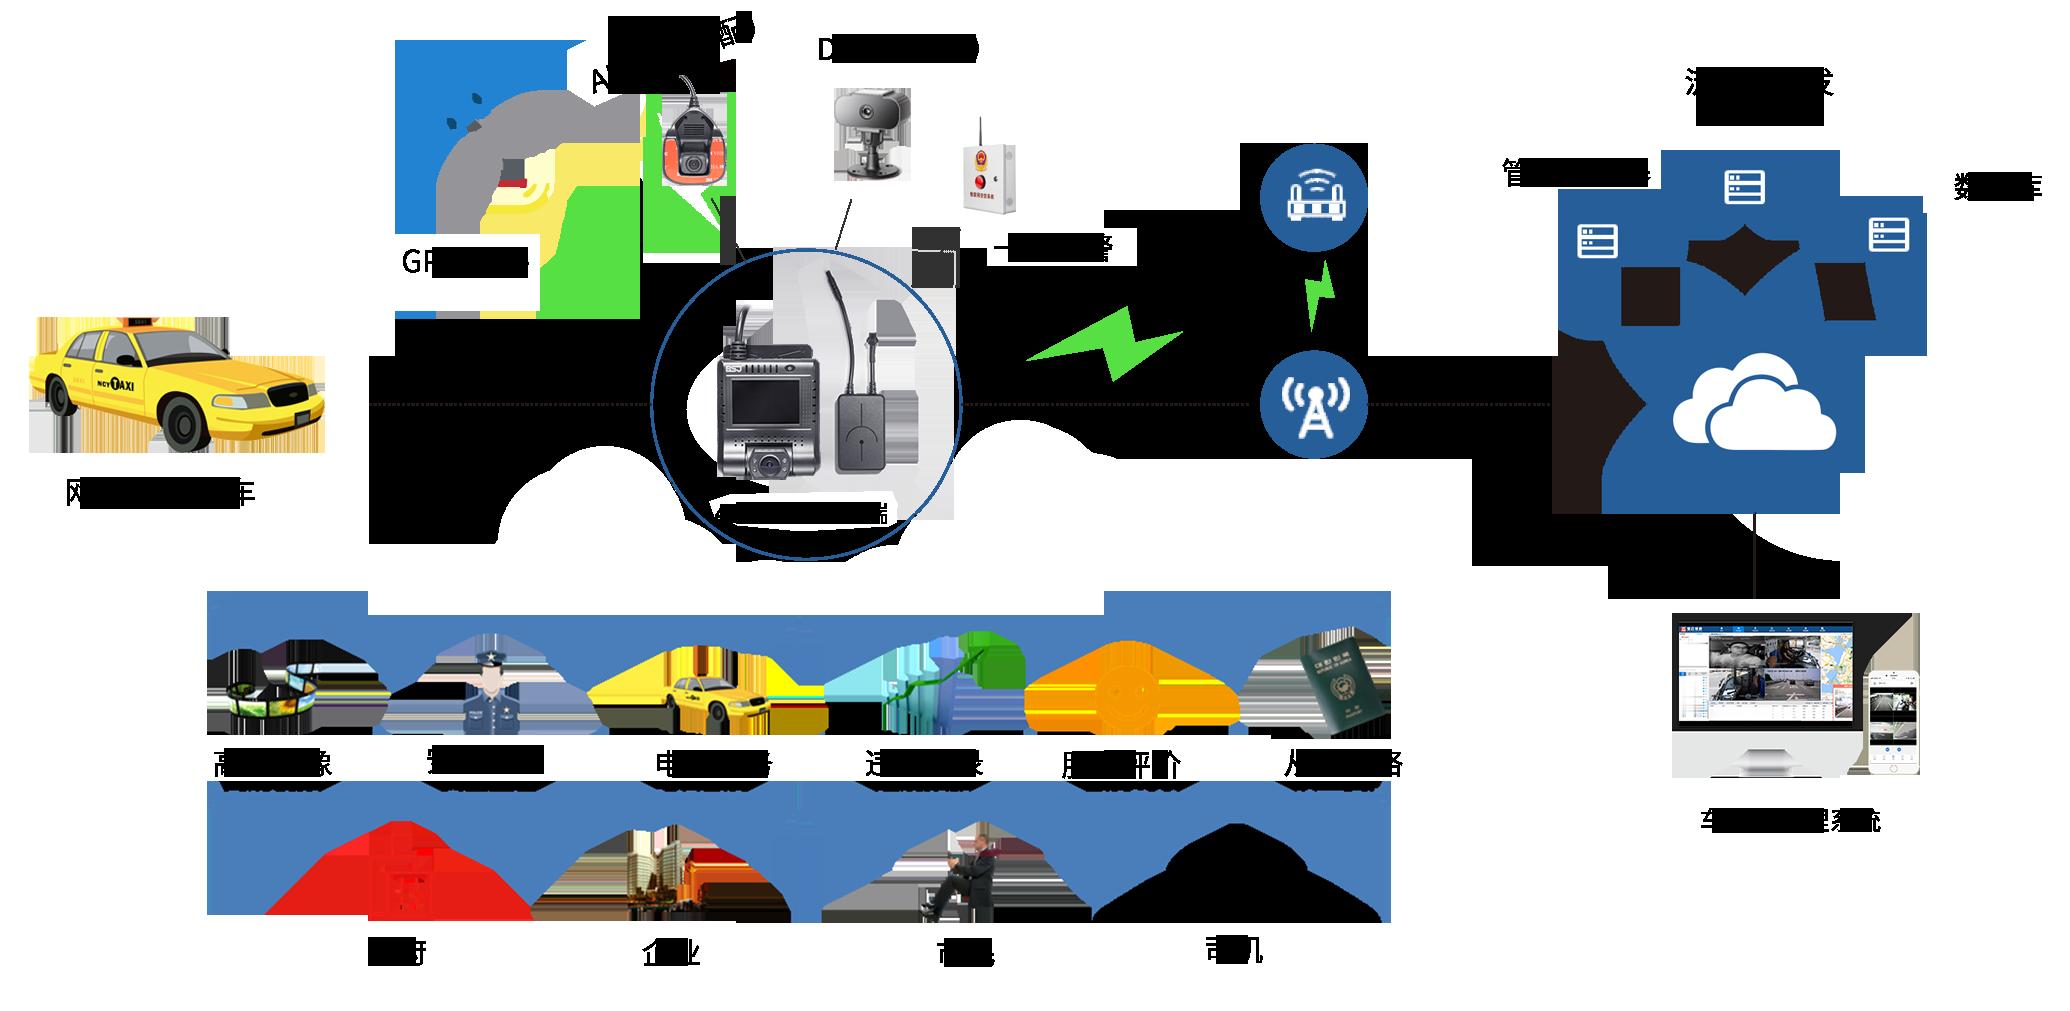 出租车/网约车运营主动安全管理方案简介